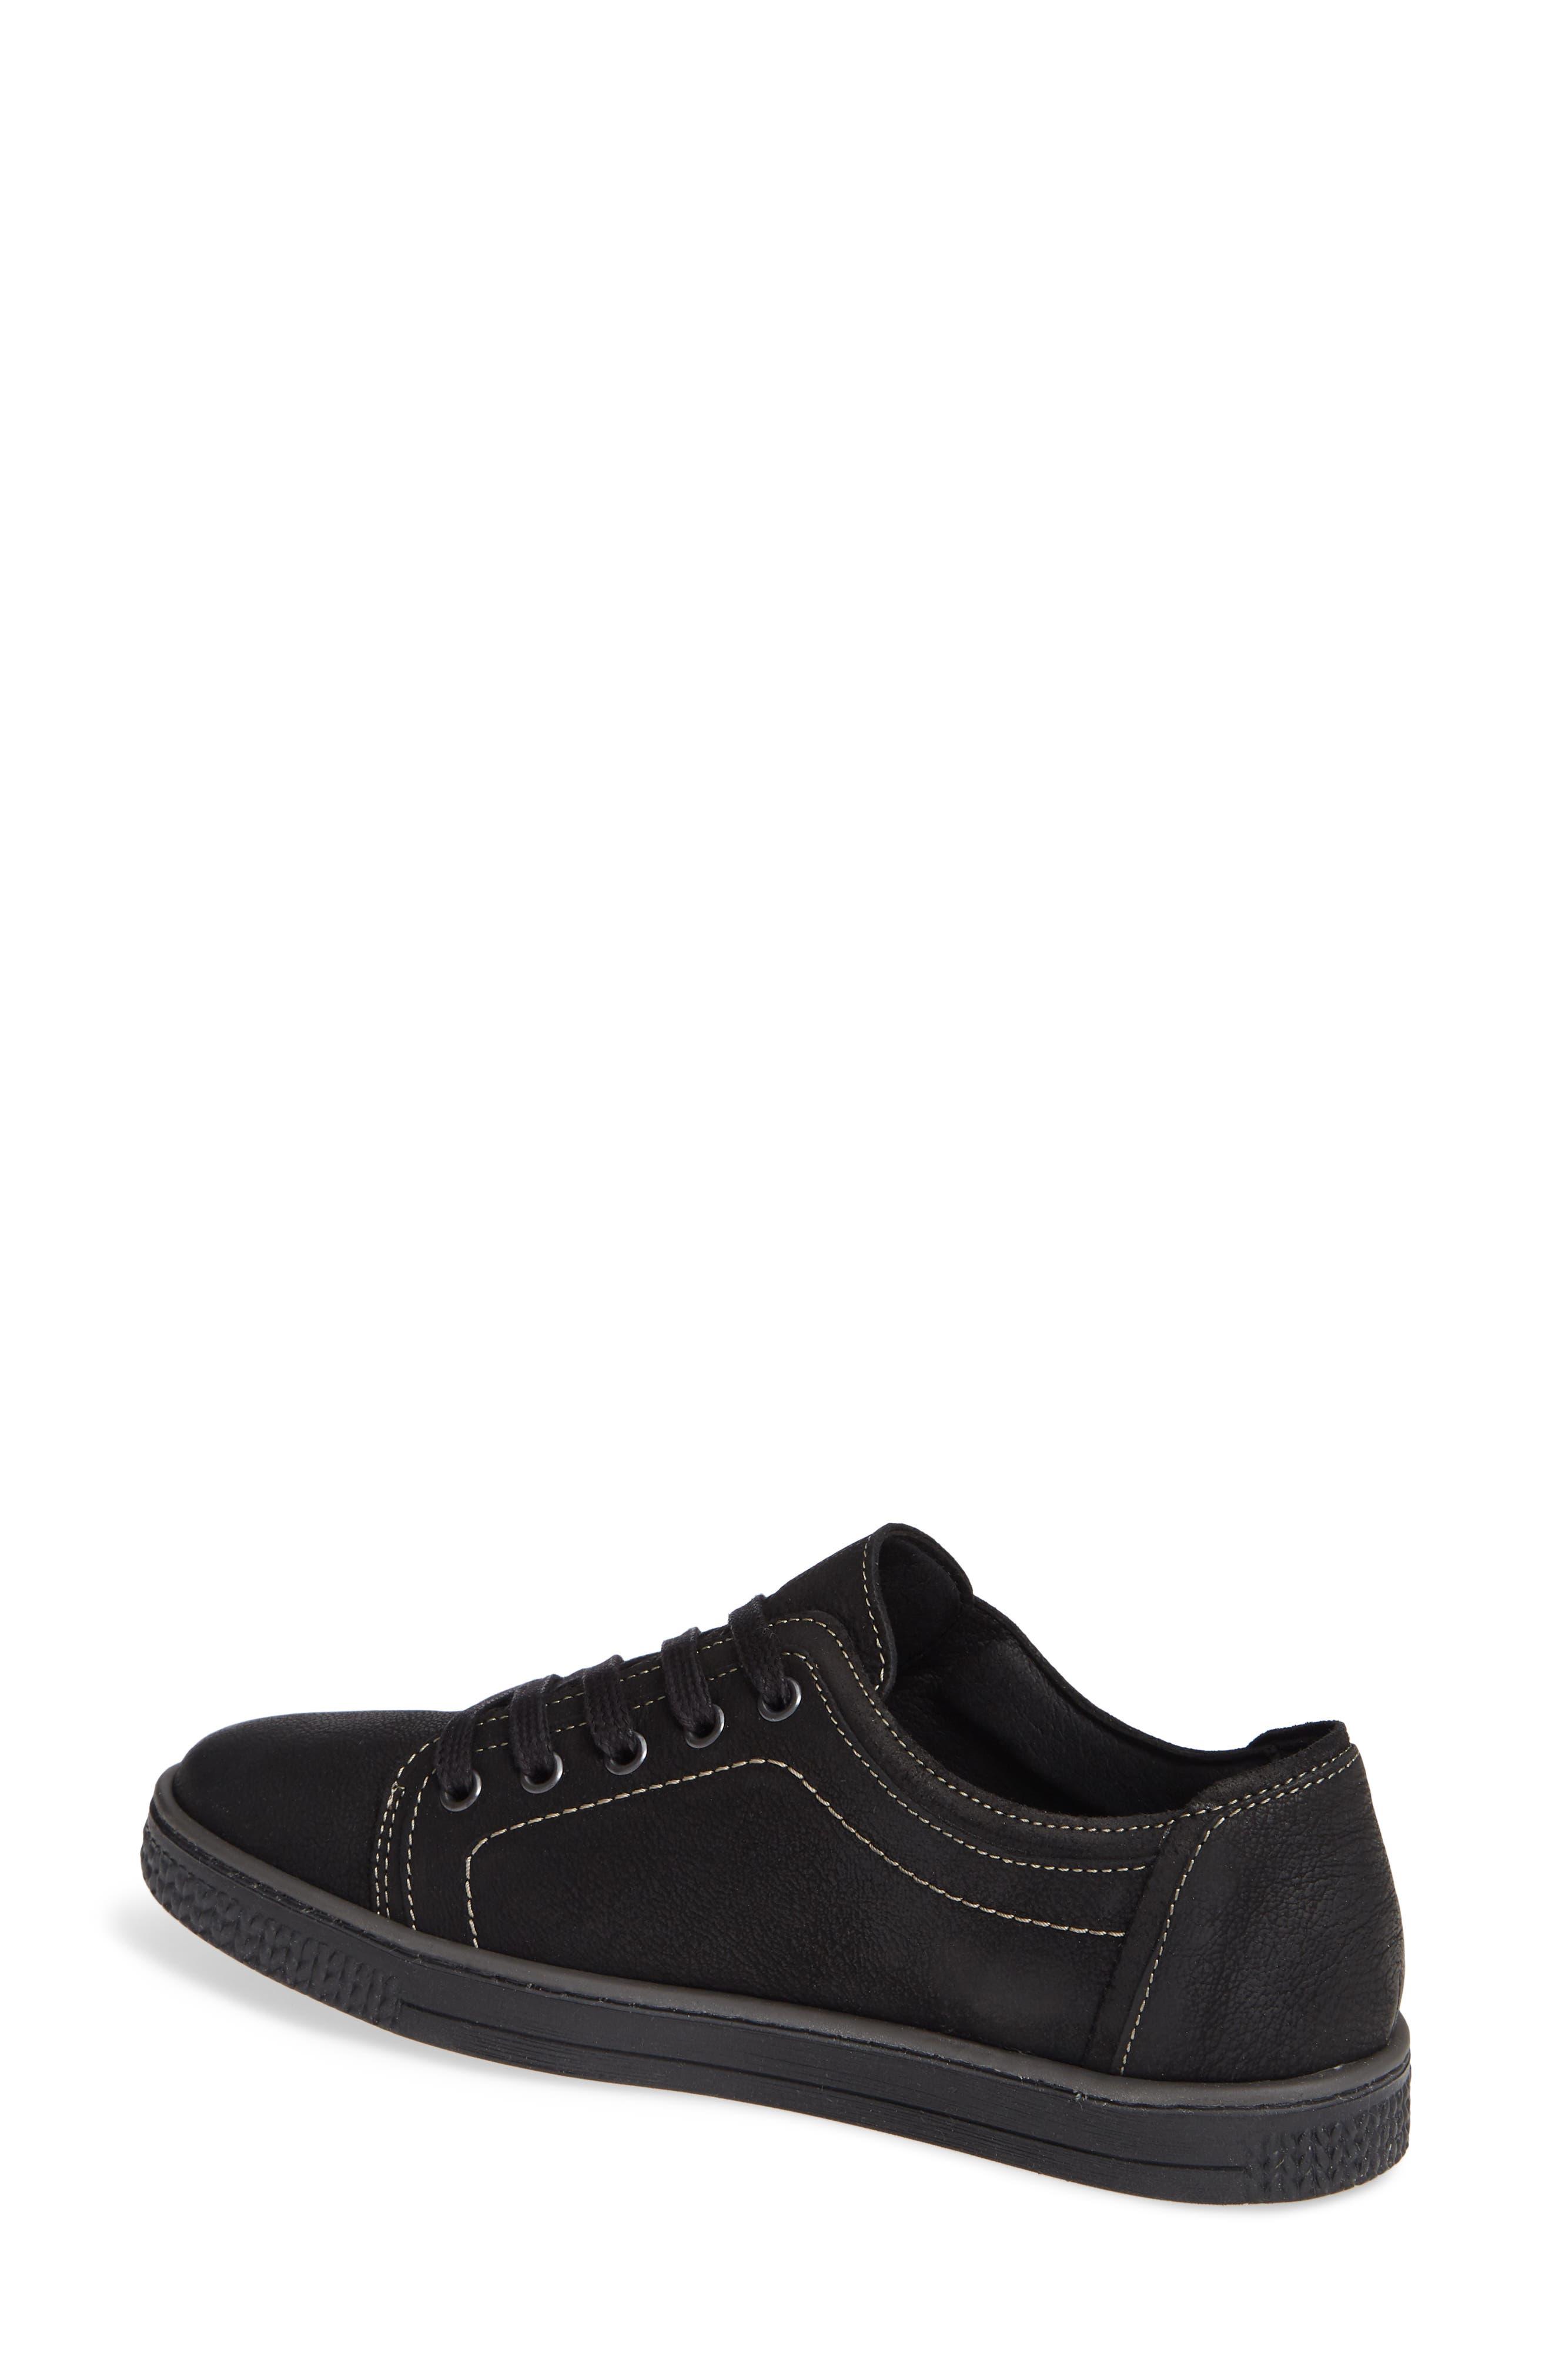 CLOUD, Nagano Low Top Sneaker, Alternate thumbnail 2, color, 001